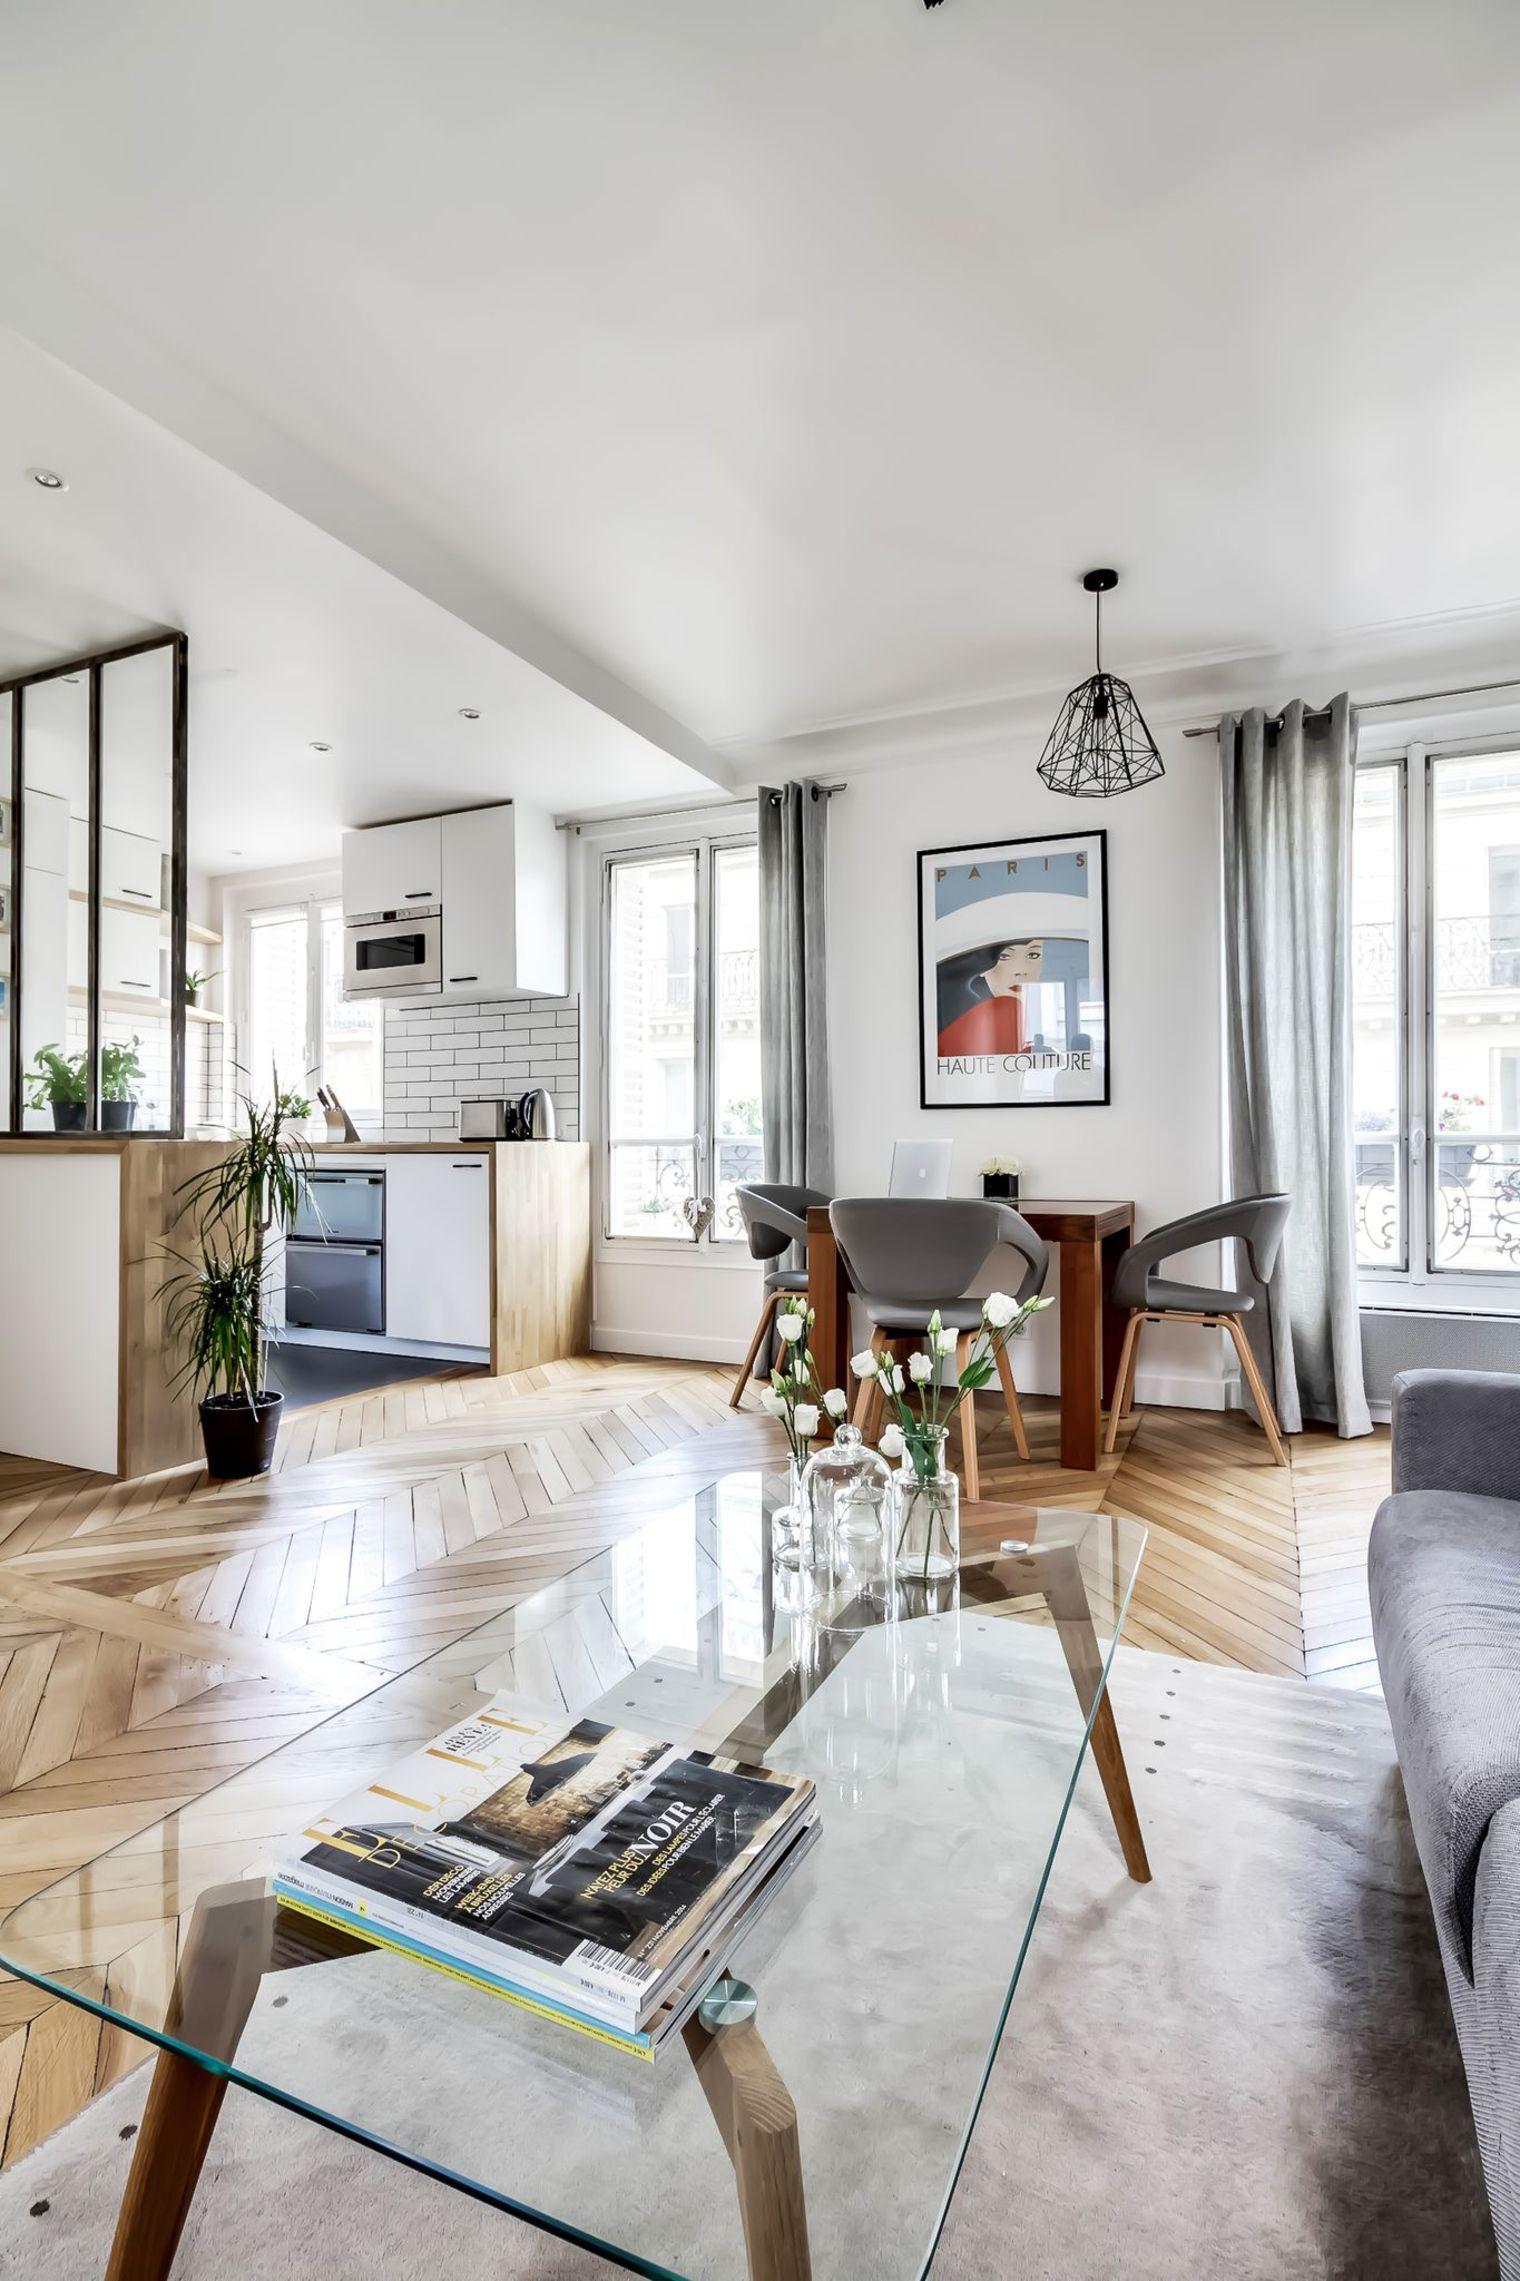 Sau cải tạo, căn hộ 38m² đẹp hoàn hảo mọi góc nhìn   - Ảnh 9.